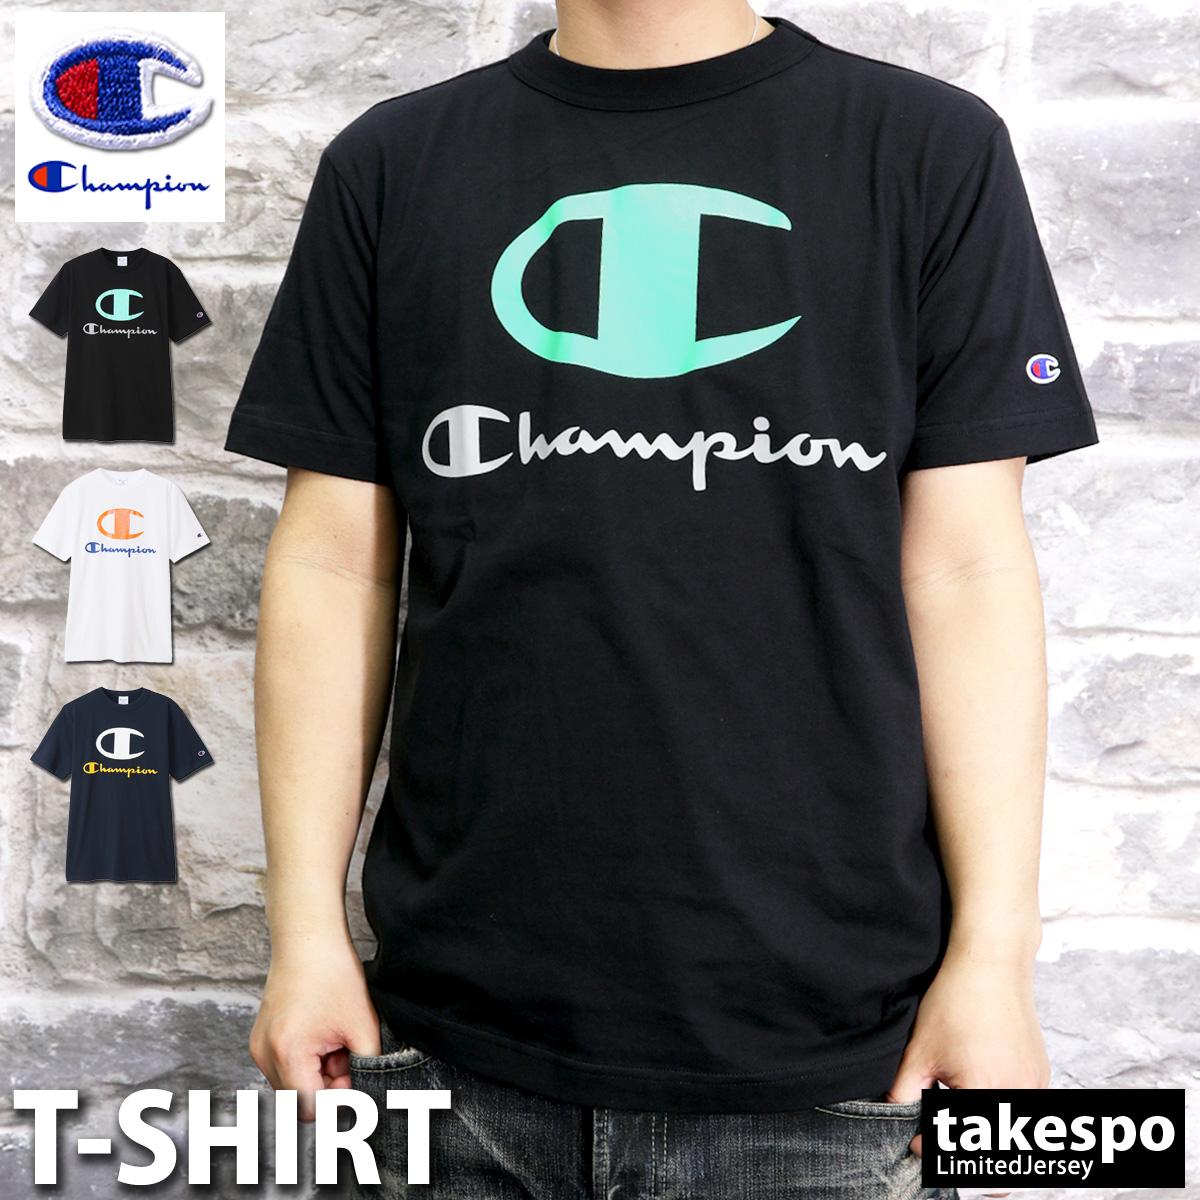 チャンピオン 初売り メンズ Tシャツ 21SS 新作 上 Champion ビッグロゴ 半袖 C3T307 おしゃれ 最安値 トレーニングウェア スポーツウェア 有 ブランド 大きいサイズ スポーツ 送料無料